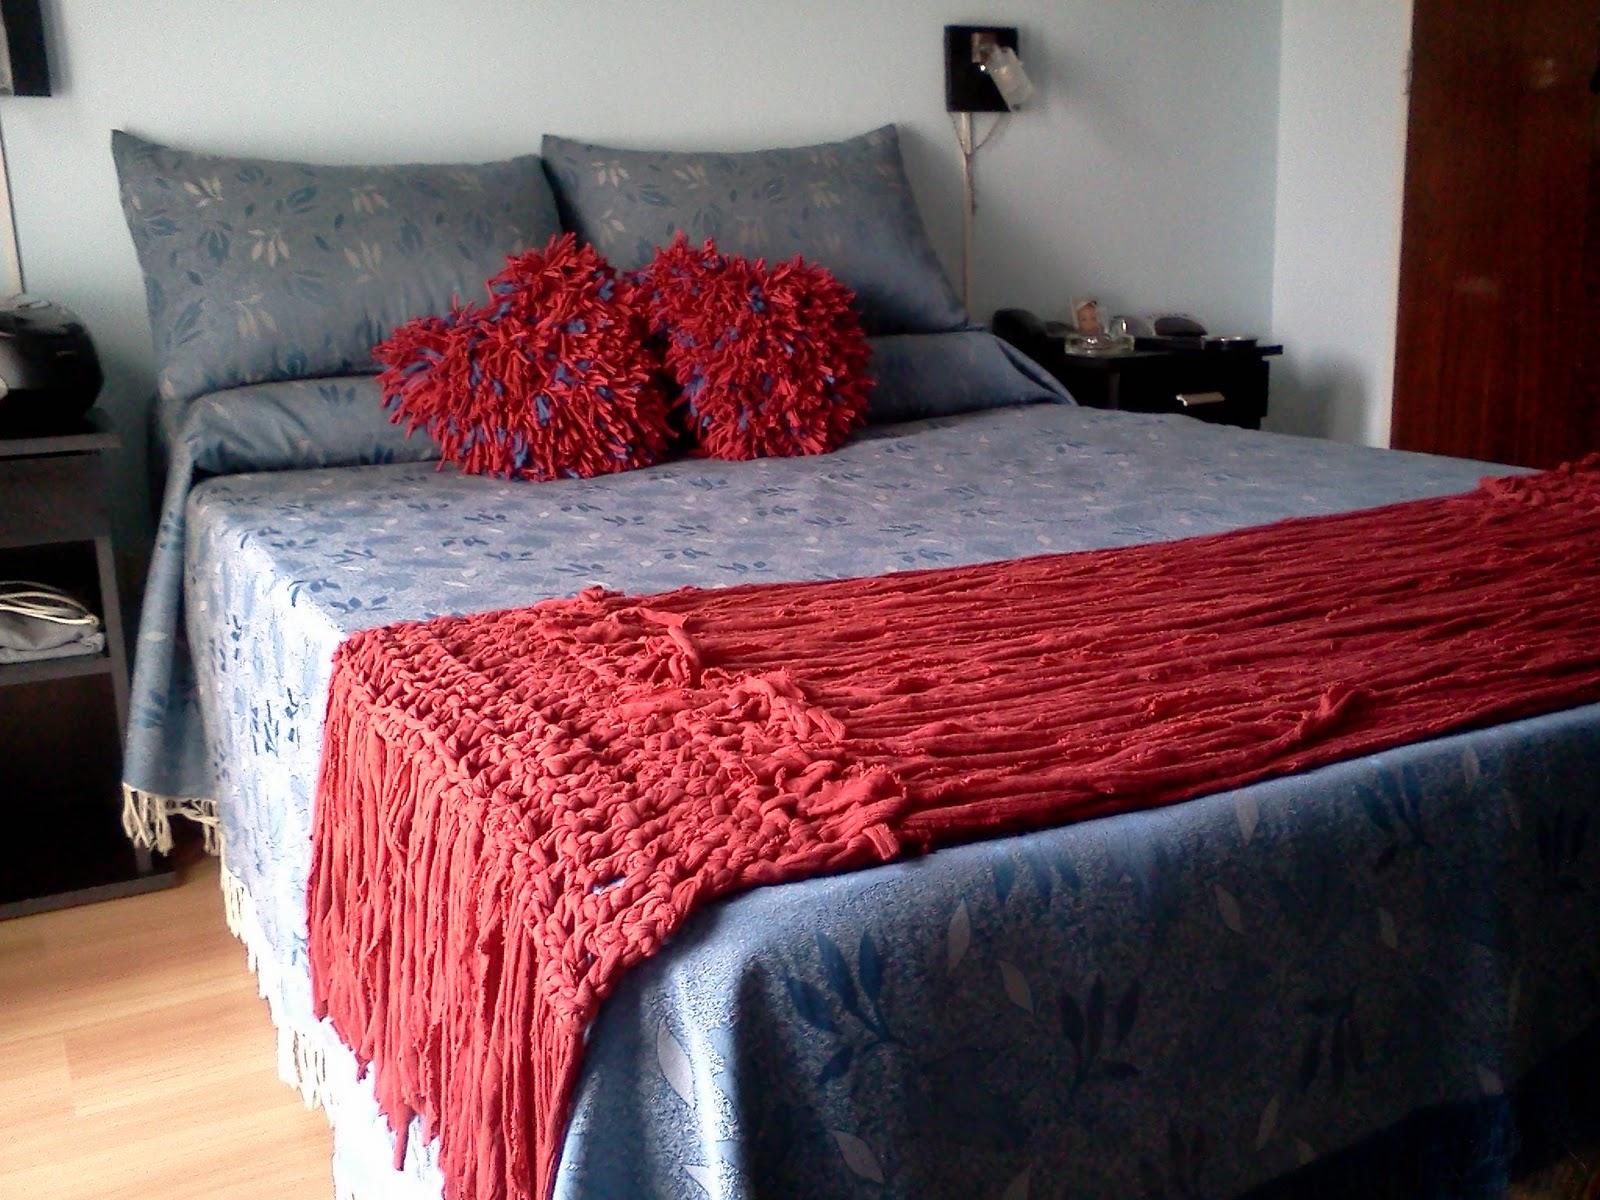 La alfombra magica 2012 pie de cama y almohadones con - Pie de cama ...